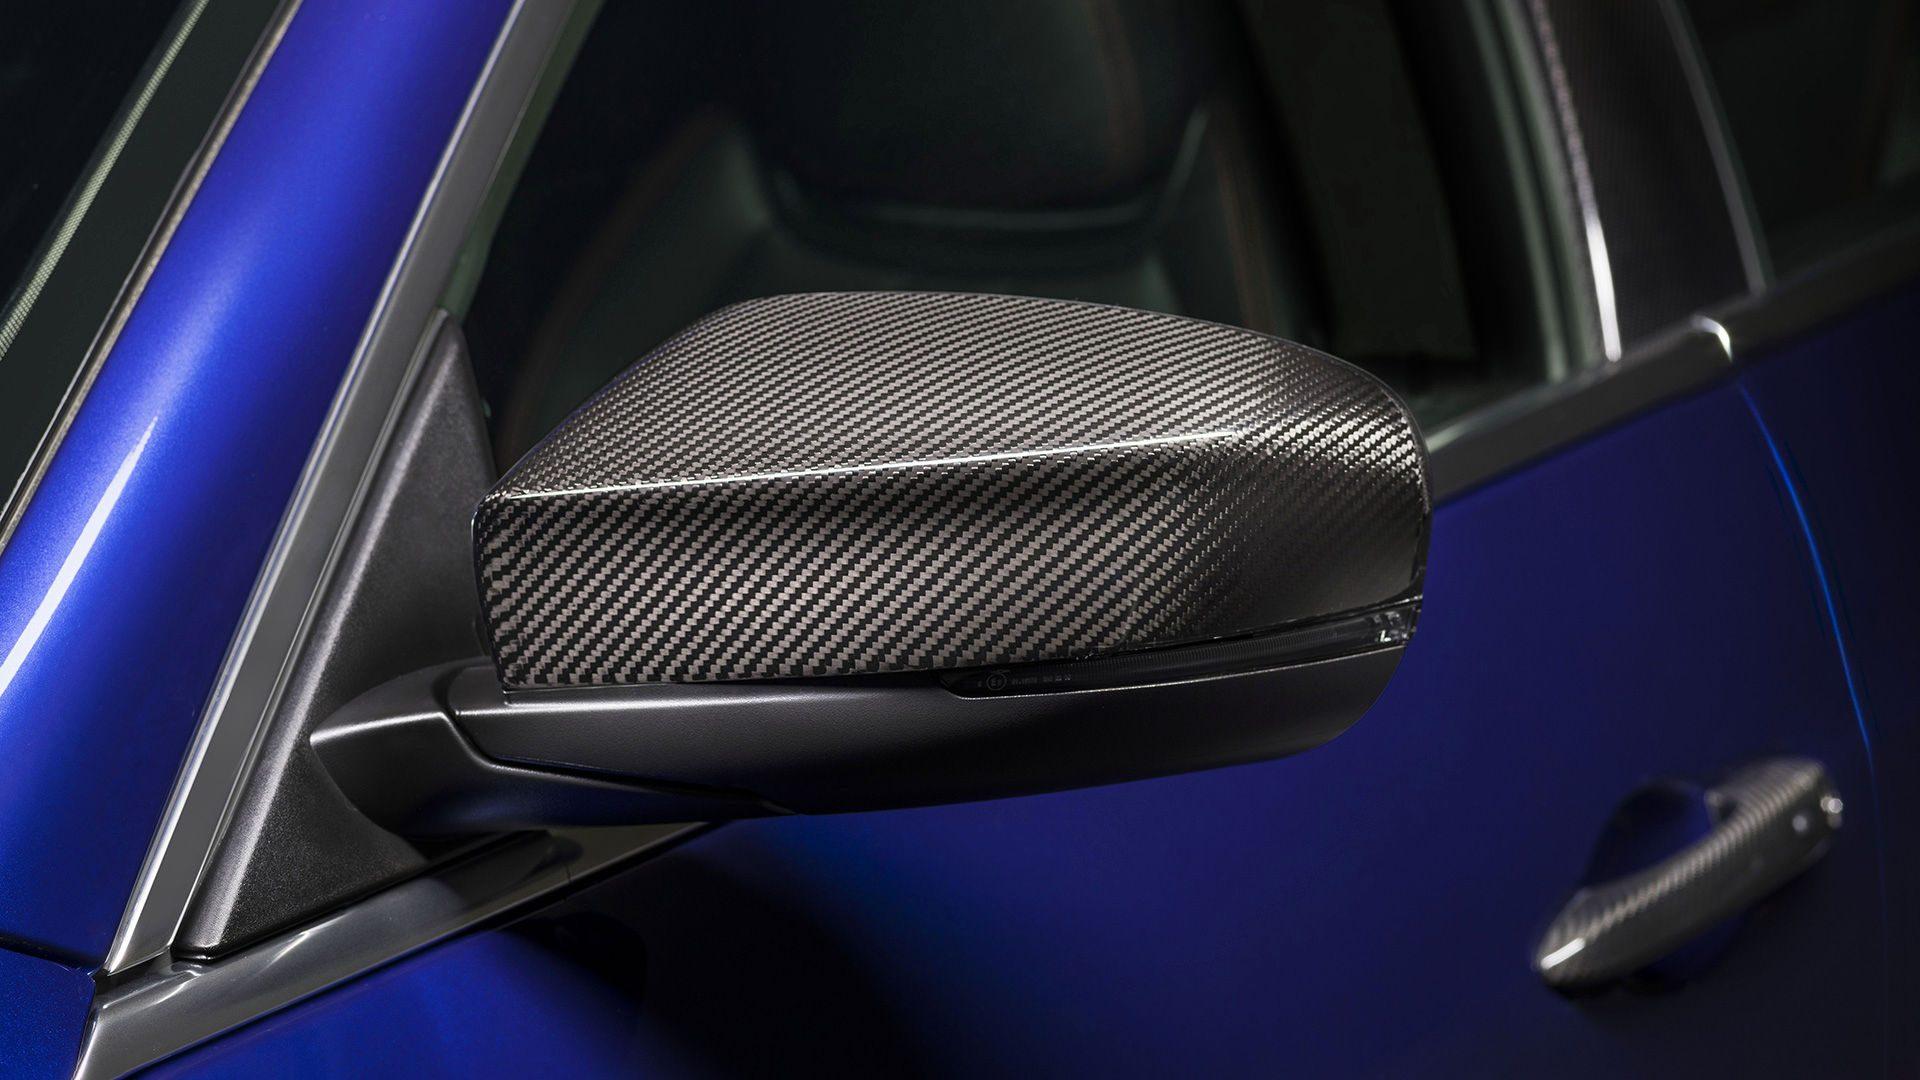 Voeg een extra touch toe aan jouw Quattroporte en kies bijvoorbeeld voor het Nerissimo pakket of het Nerissimo Carbon Fiber pakket.